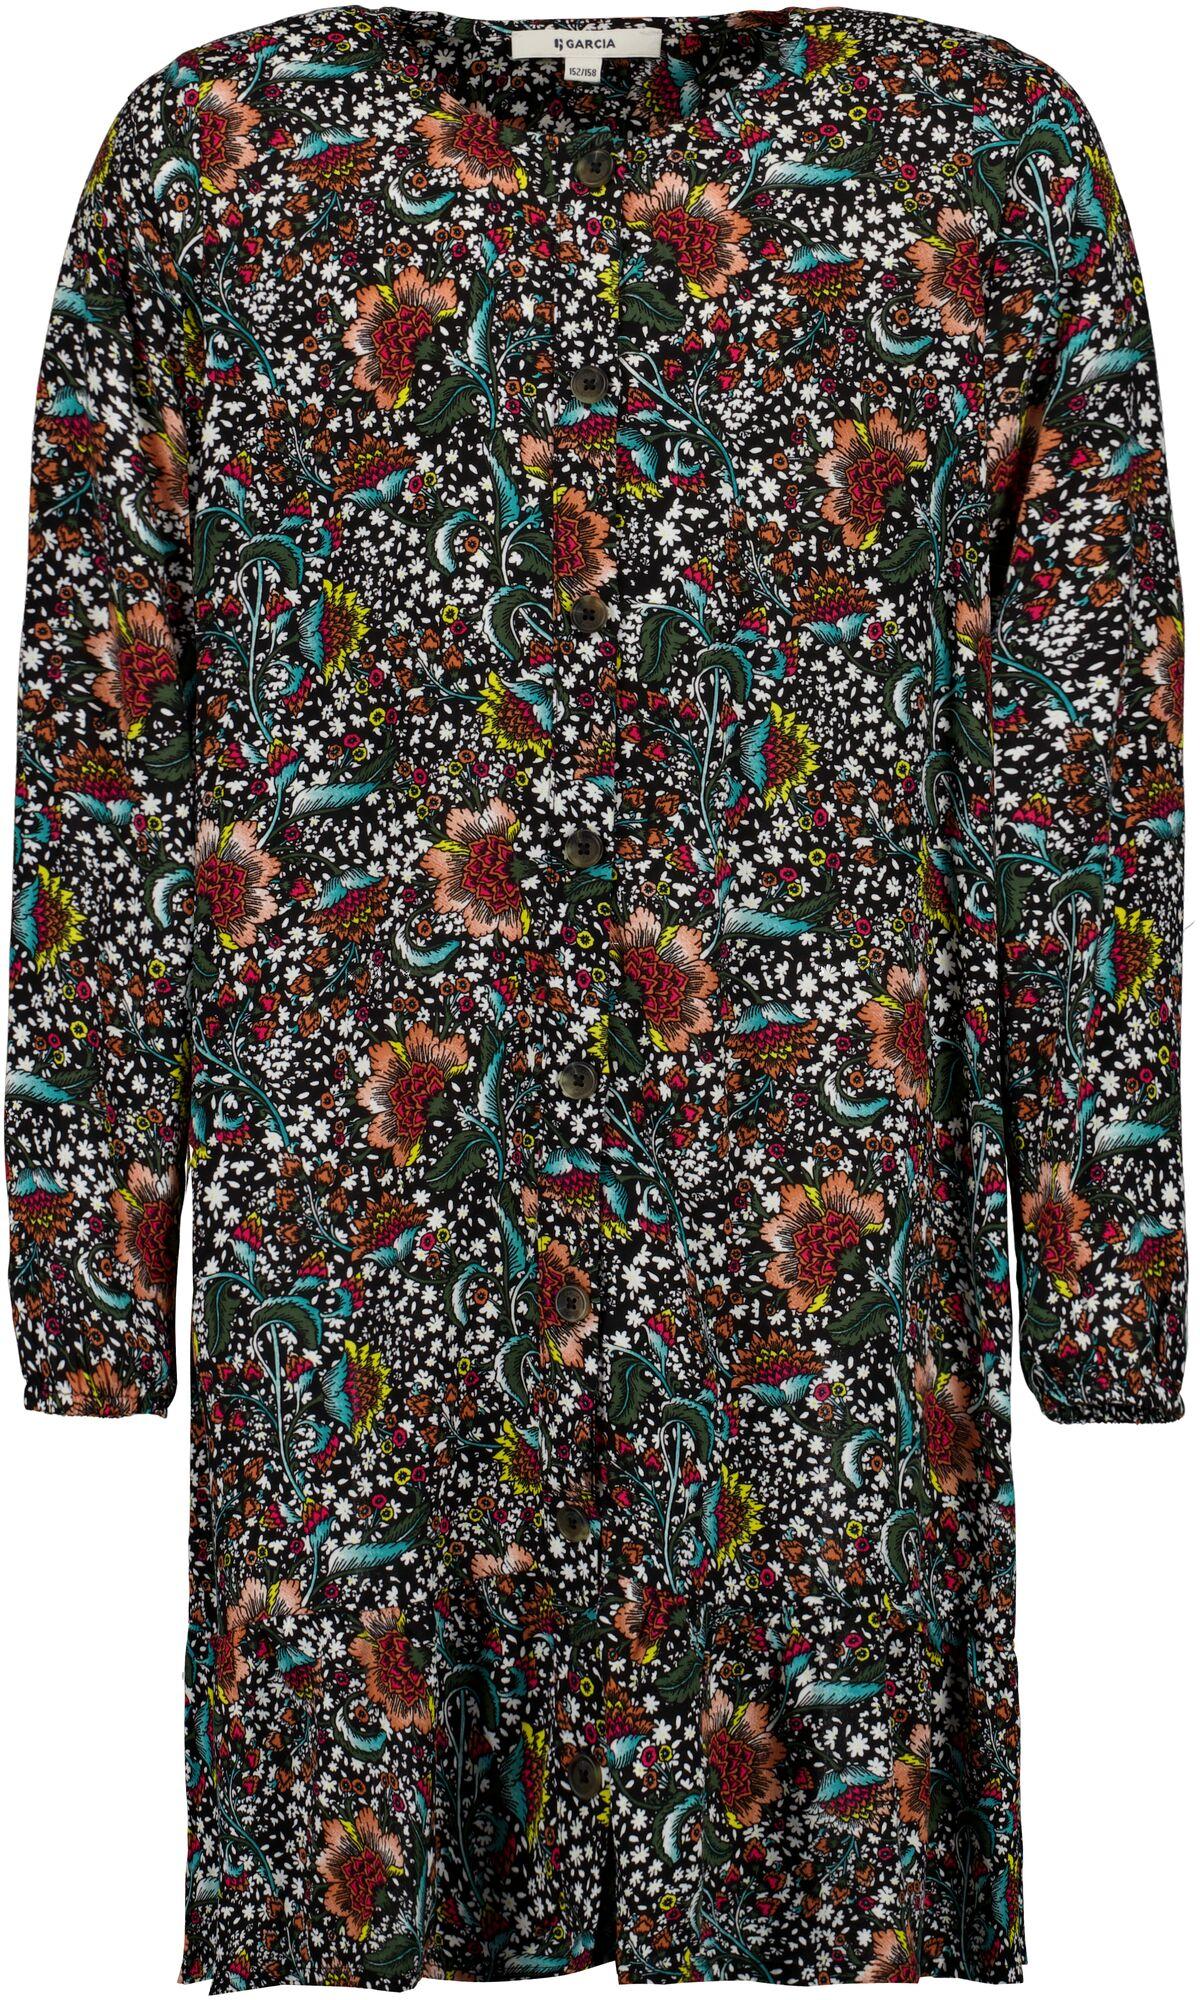 garcia mädchen kleid online kaufen | dorins kindermode